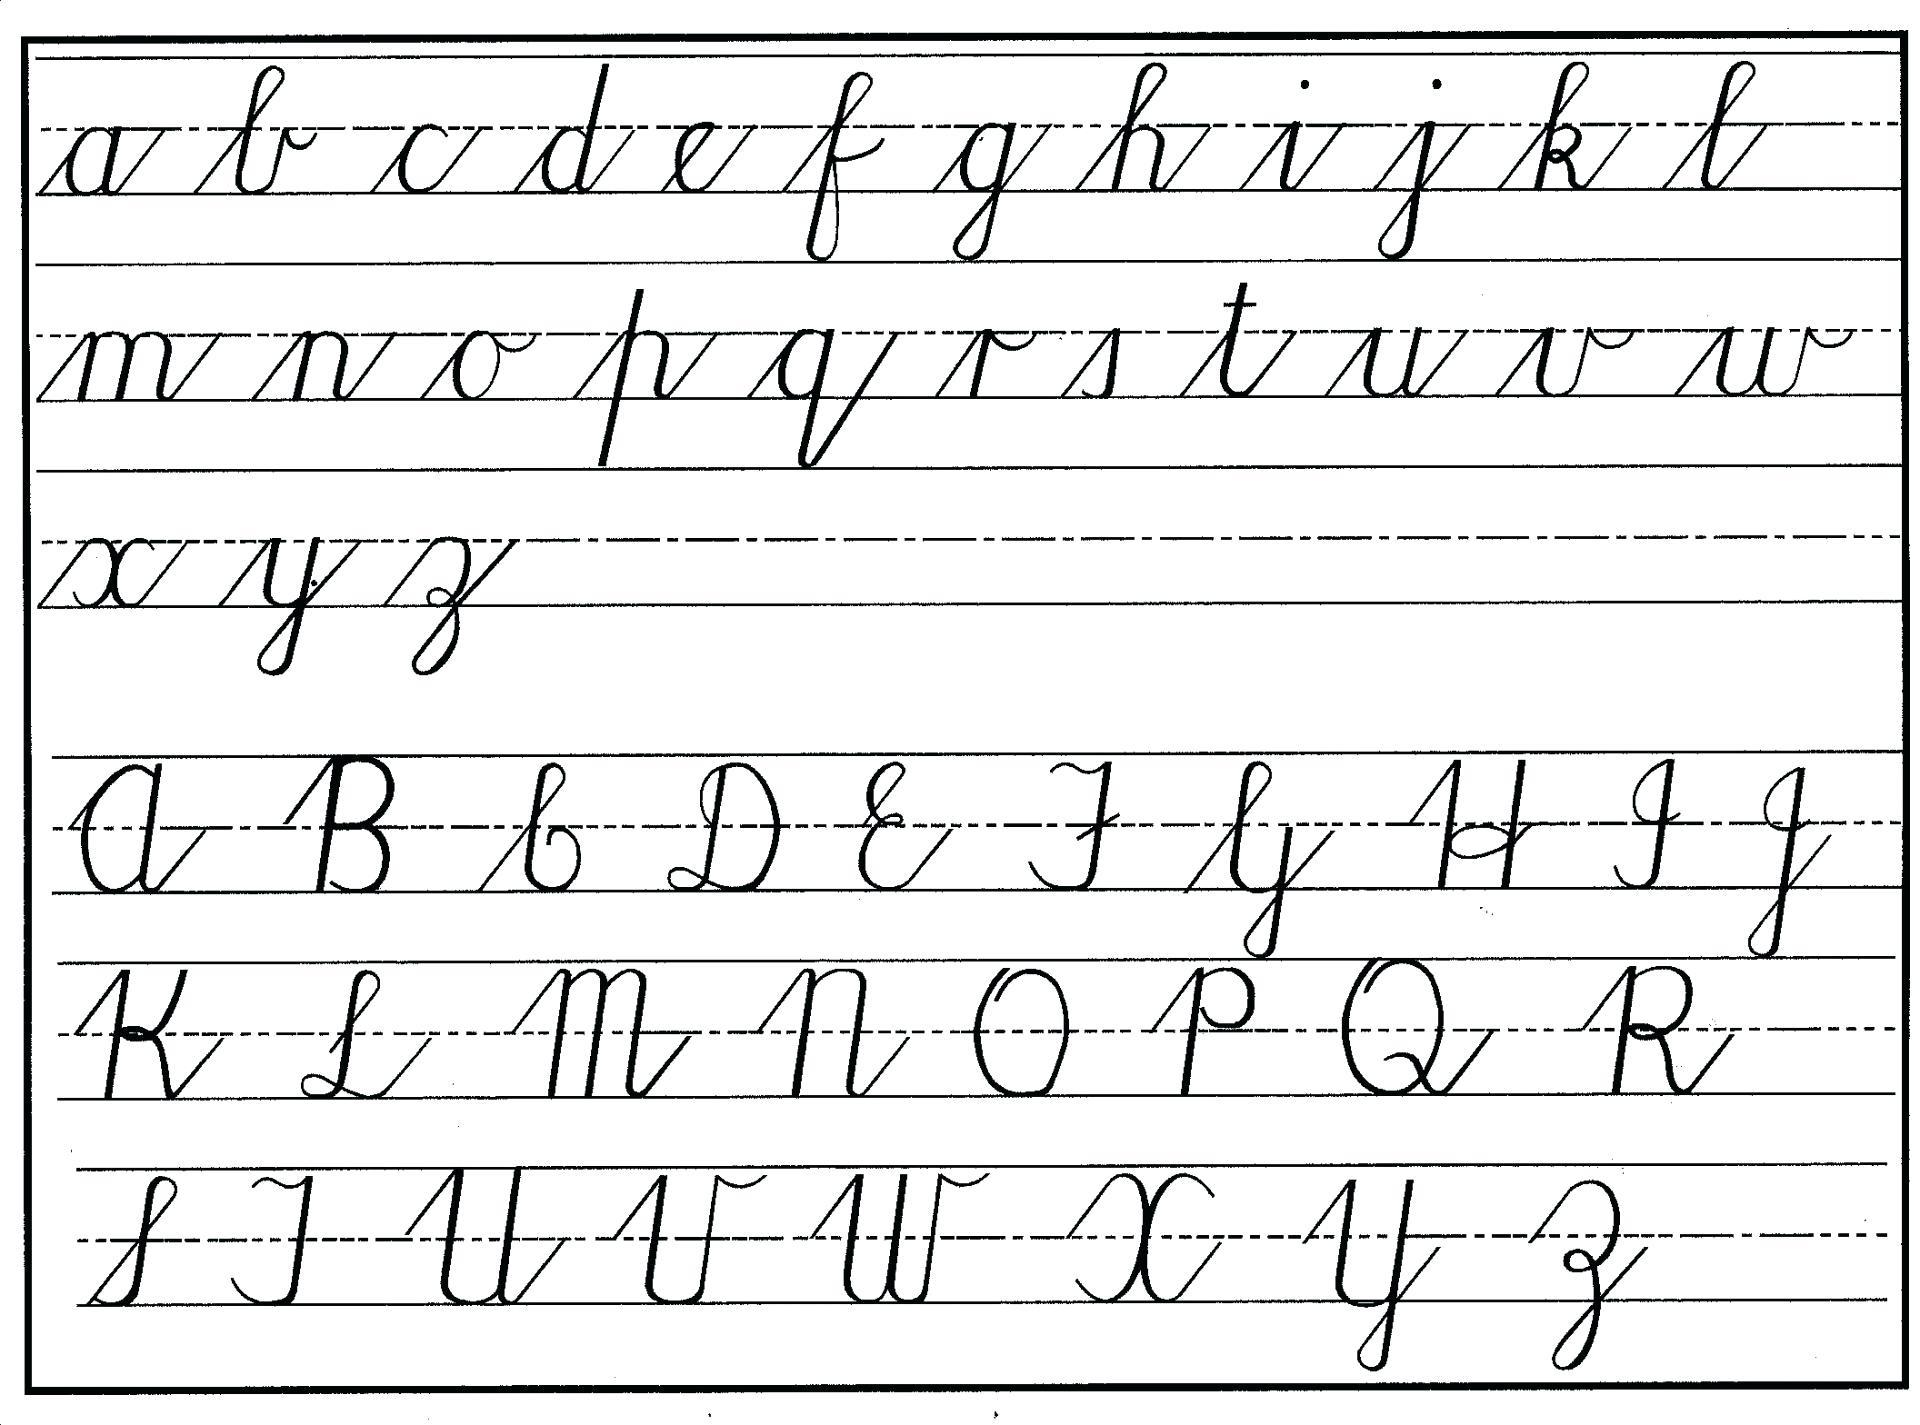 Worksheet ~ Read Cursive Handwriting Workbook For Kids